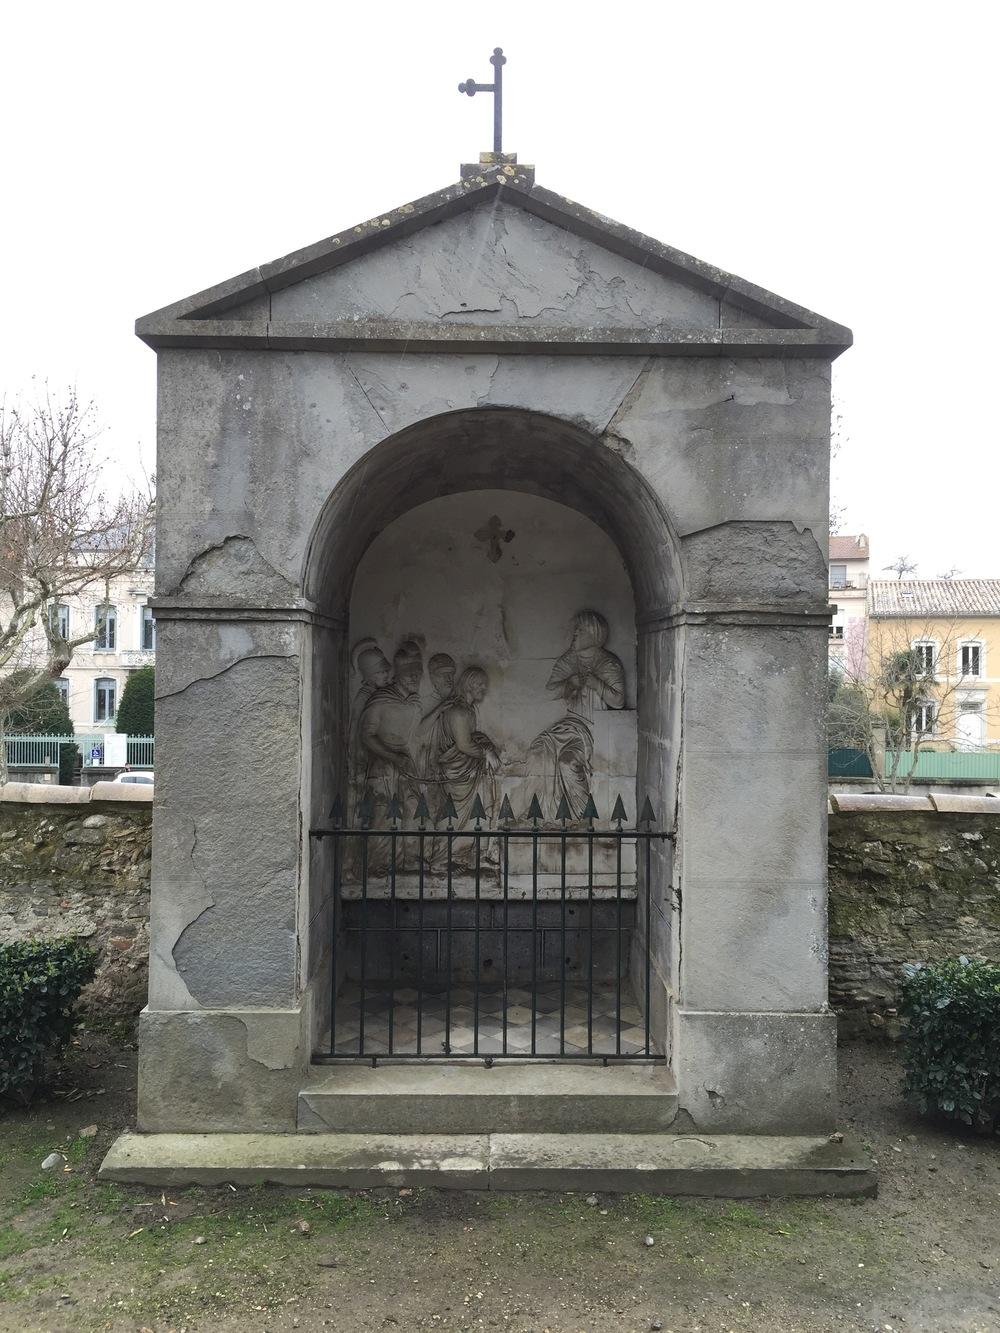 Le-Jardin-du-Calvaire-Carcassonne-jessewaugh.com-14.jpg